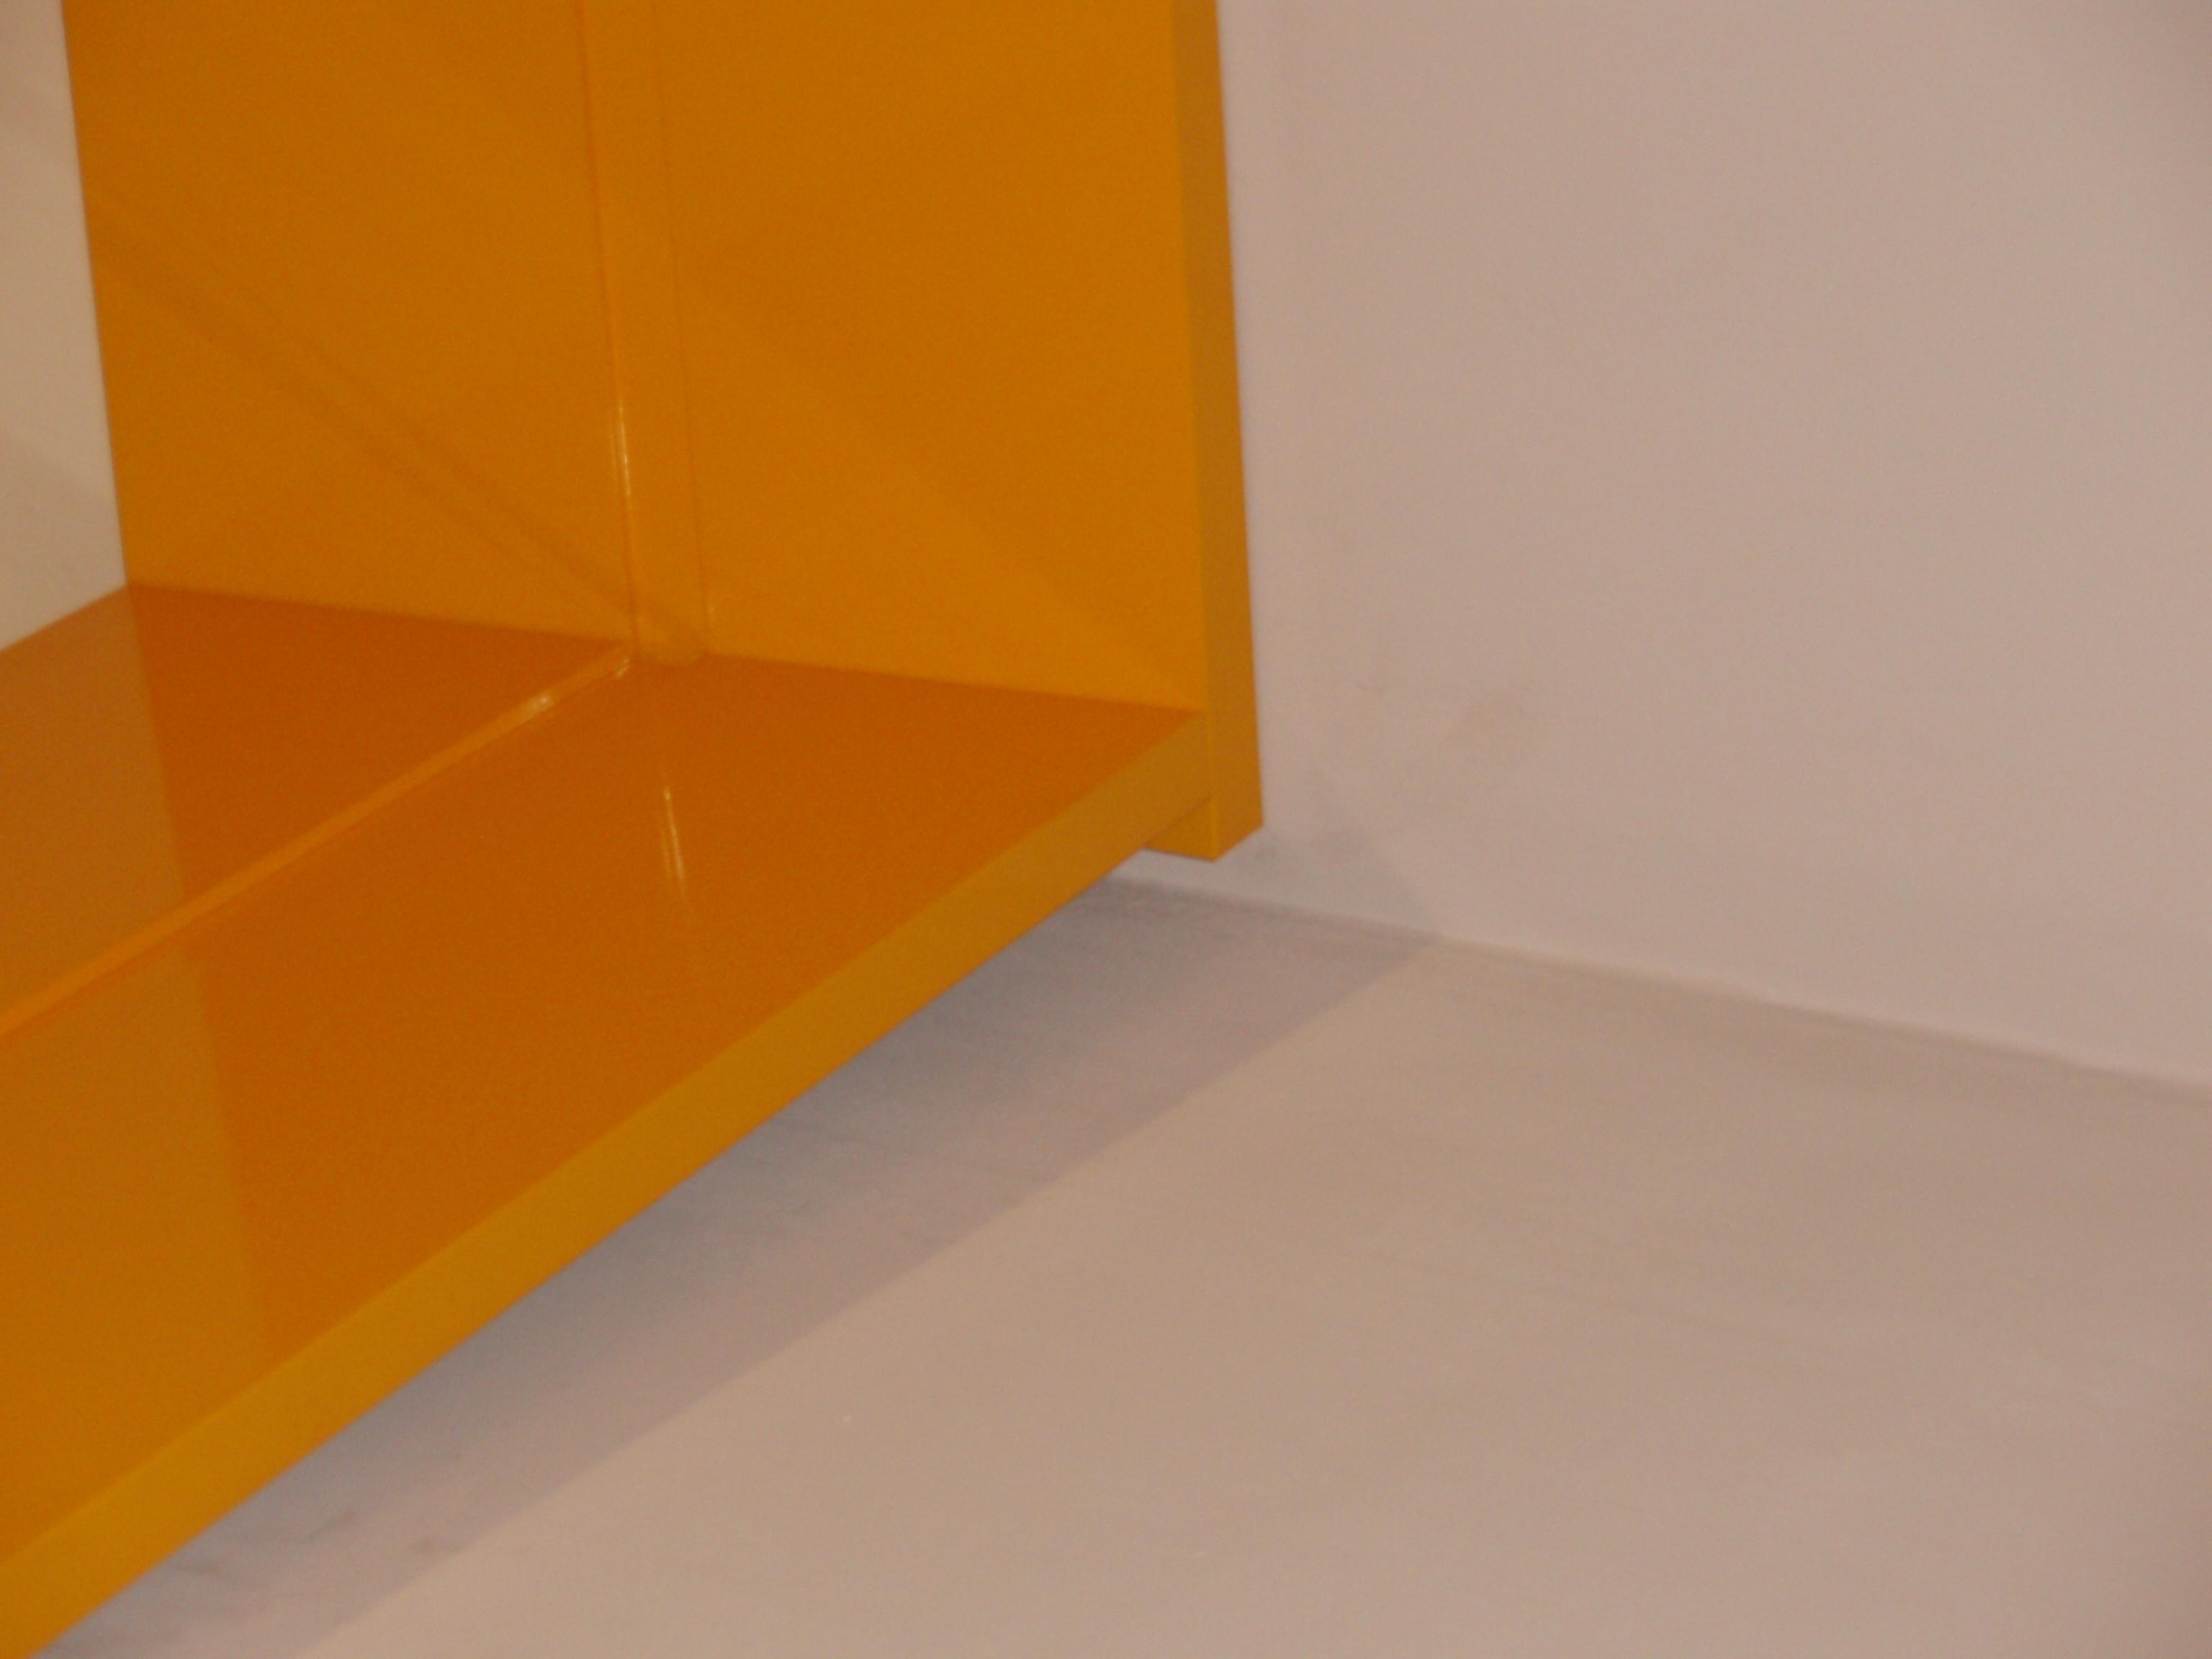 Место стыка композитных панелей